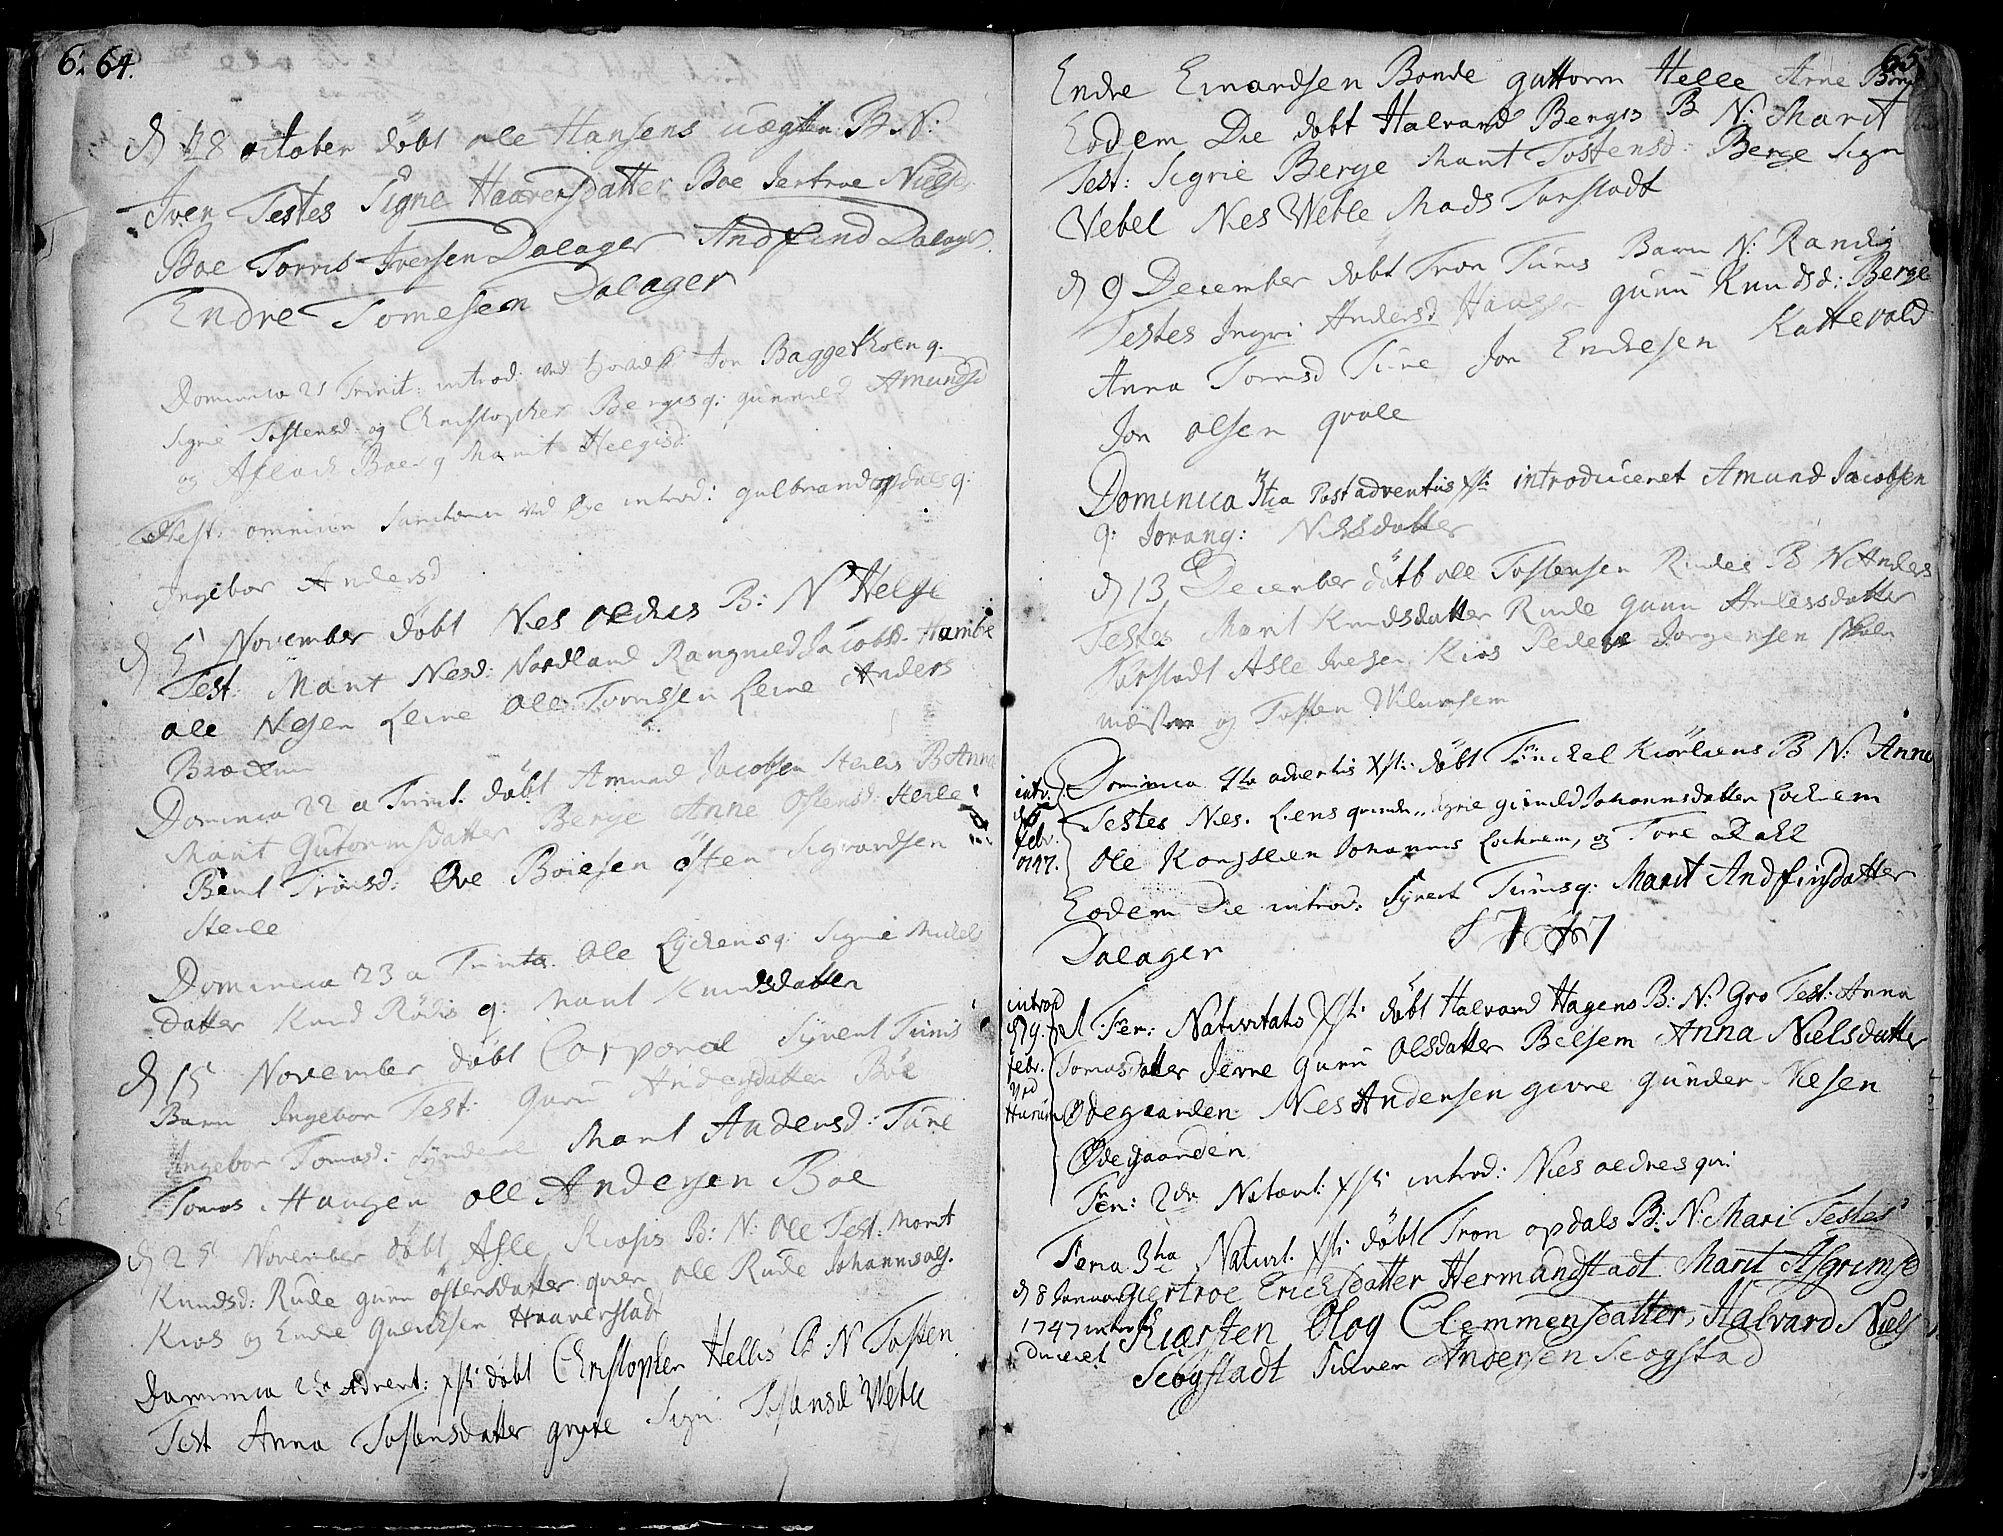 SAH, Vang prestekontor, Valdres, Ministerialbok nr. 1, 1730-1796, s. 64-65